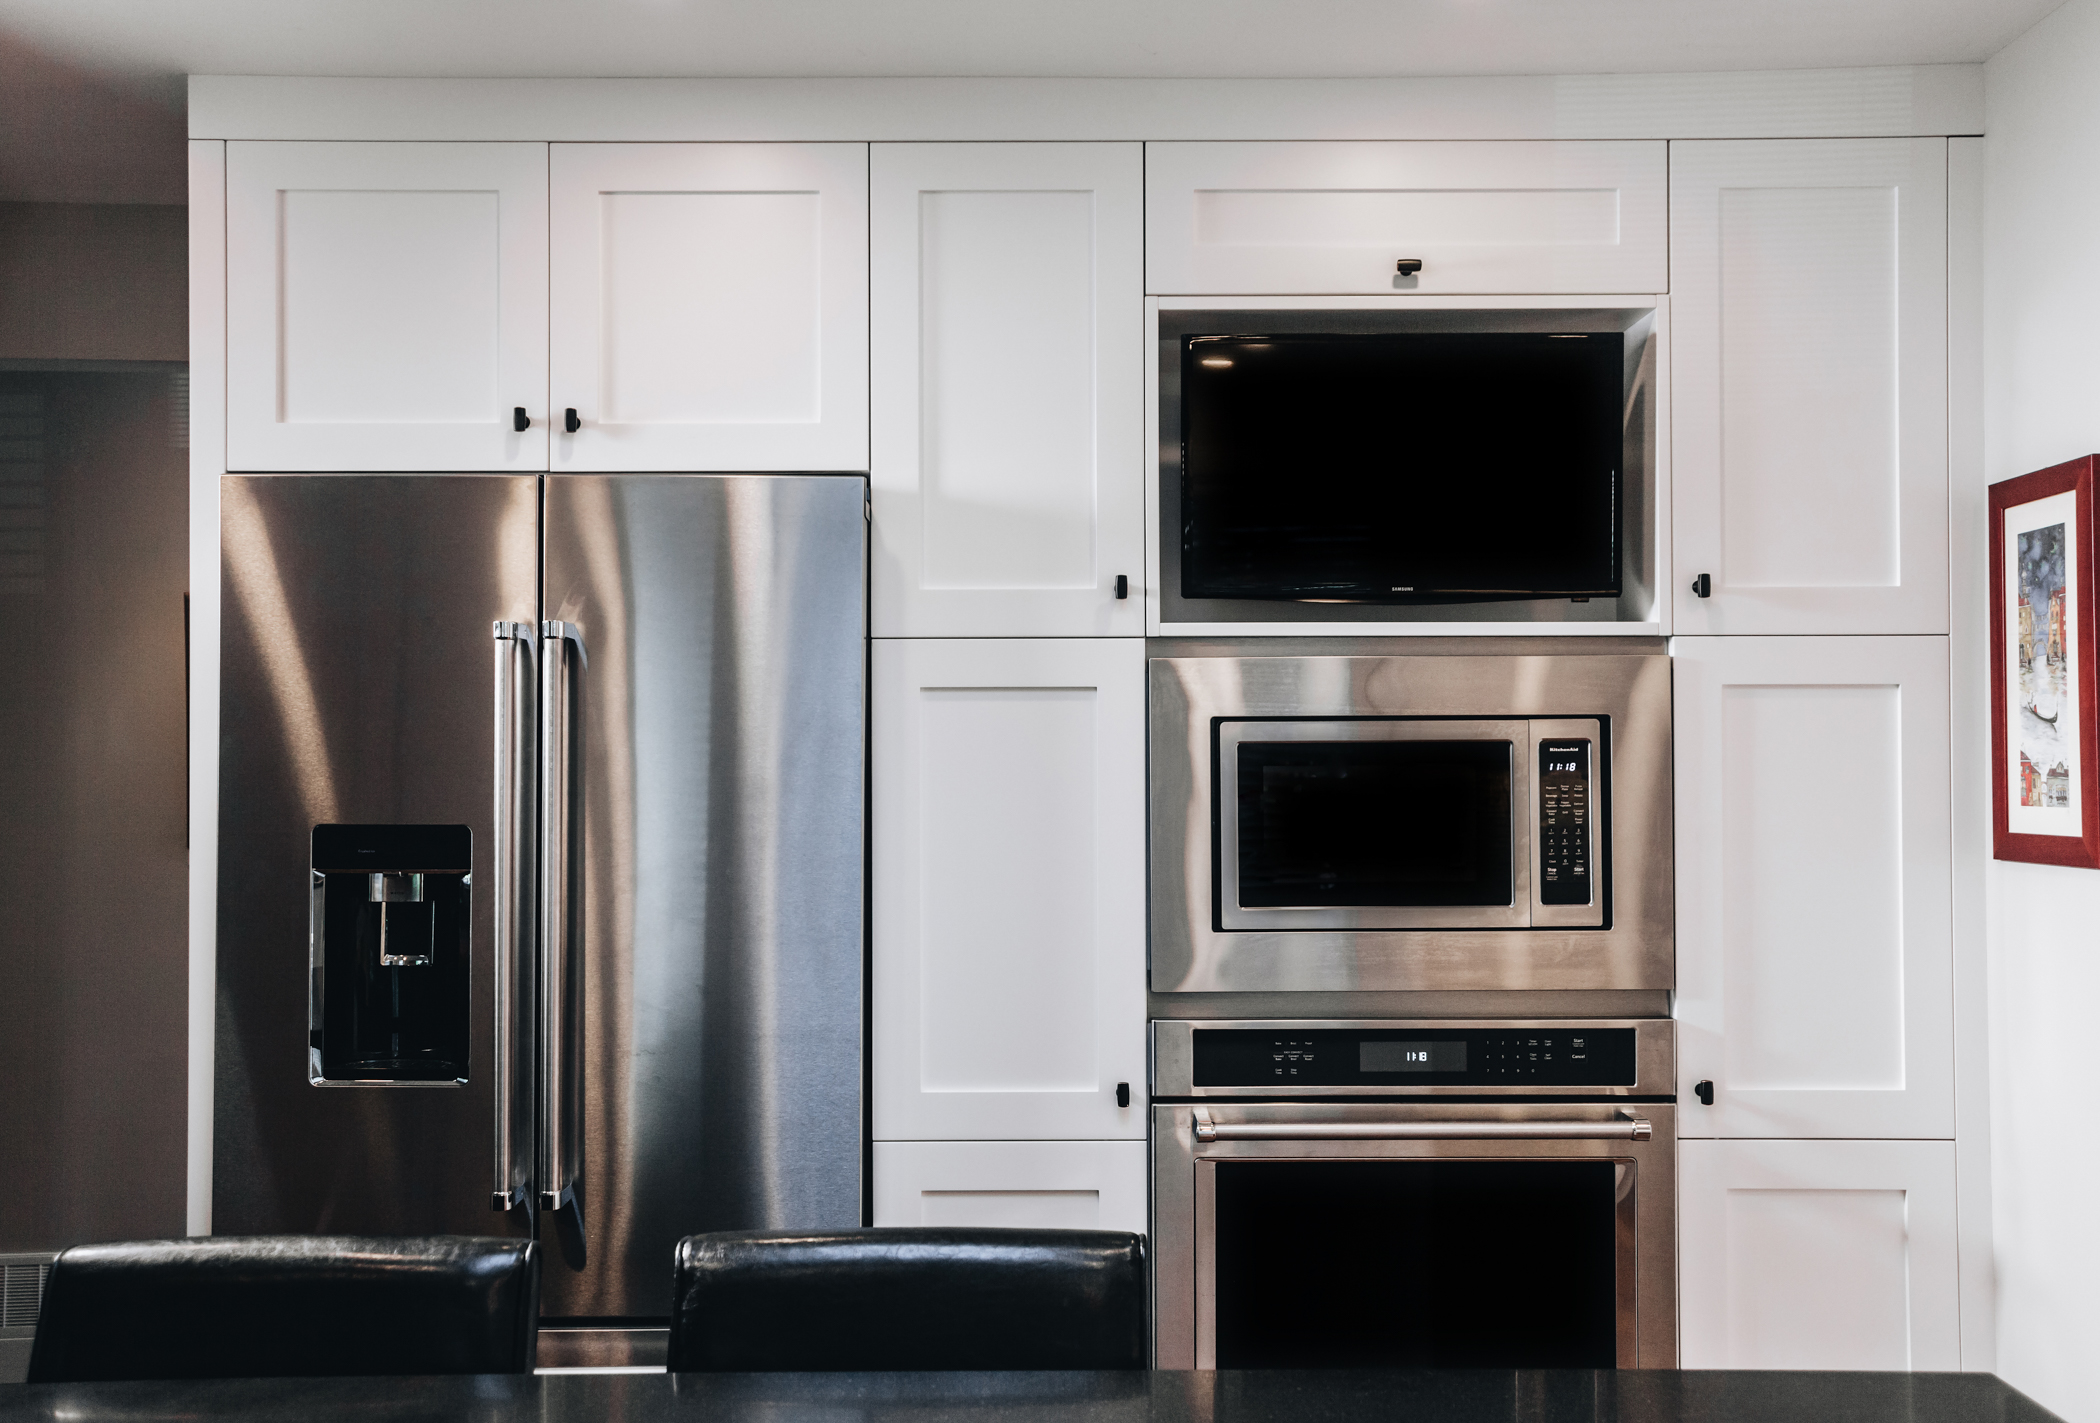 Newest Kitchen Design Trends in 2019 | Kitchen Art Design